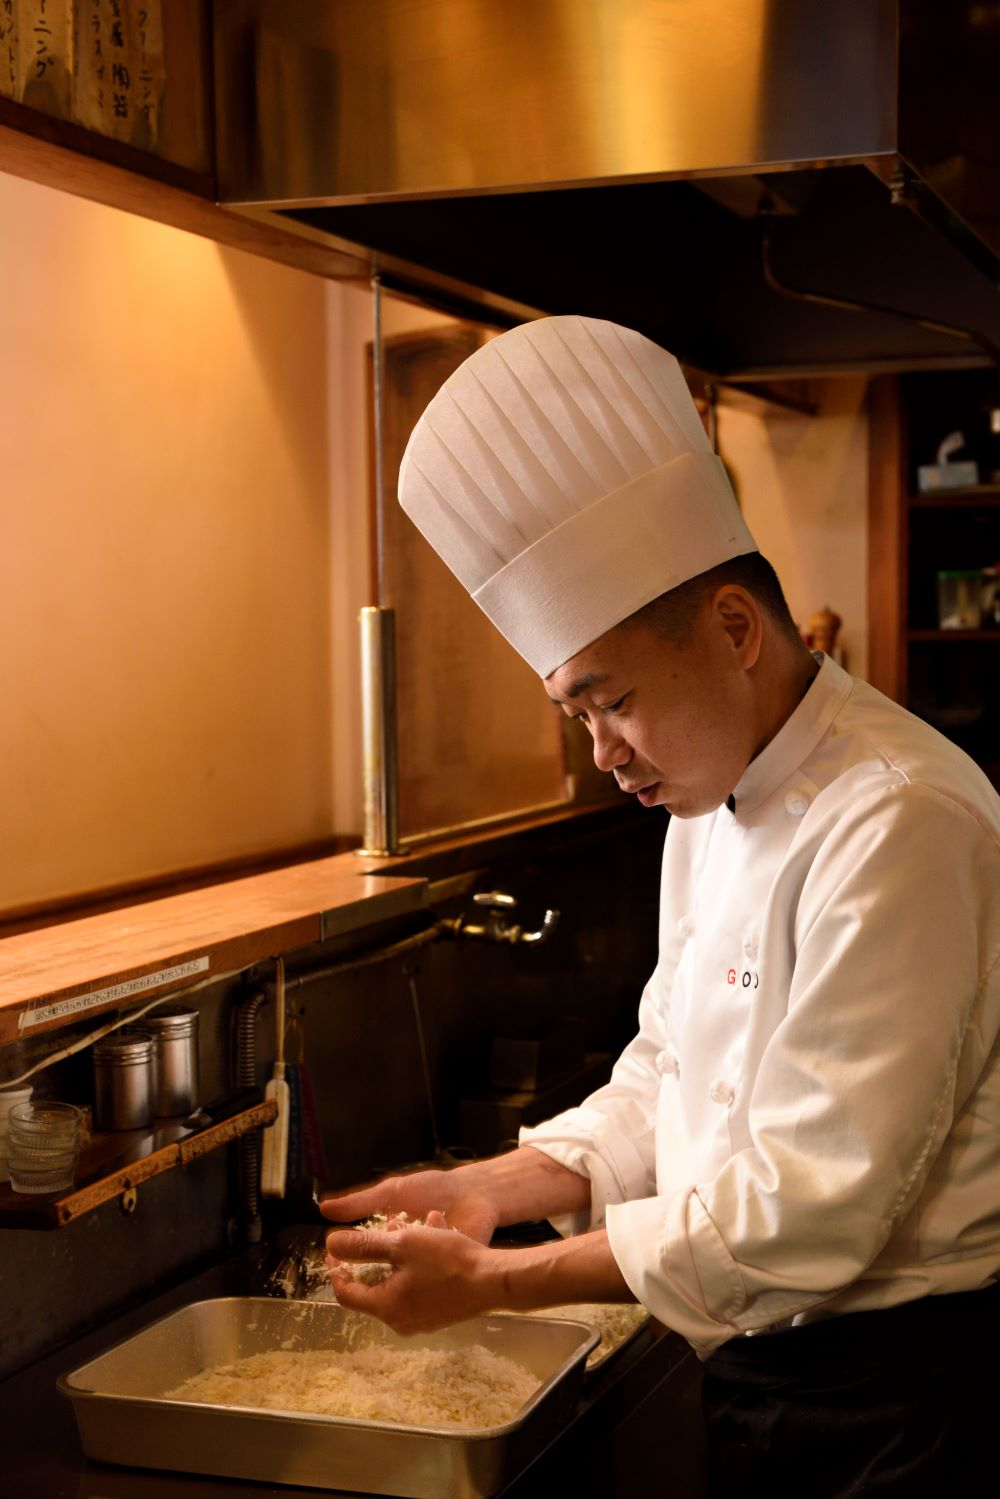 「カキフライの7割は素材で決まる。料理人にできることは少ないですよ」と笑う、オーナーシェフの後藤義彦さん。